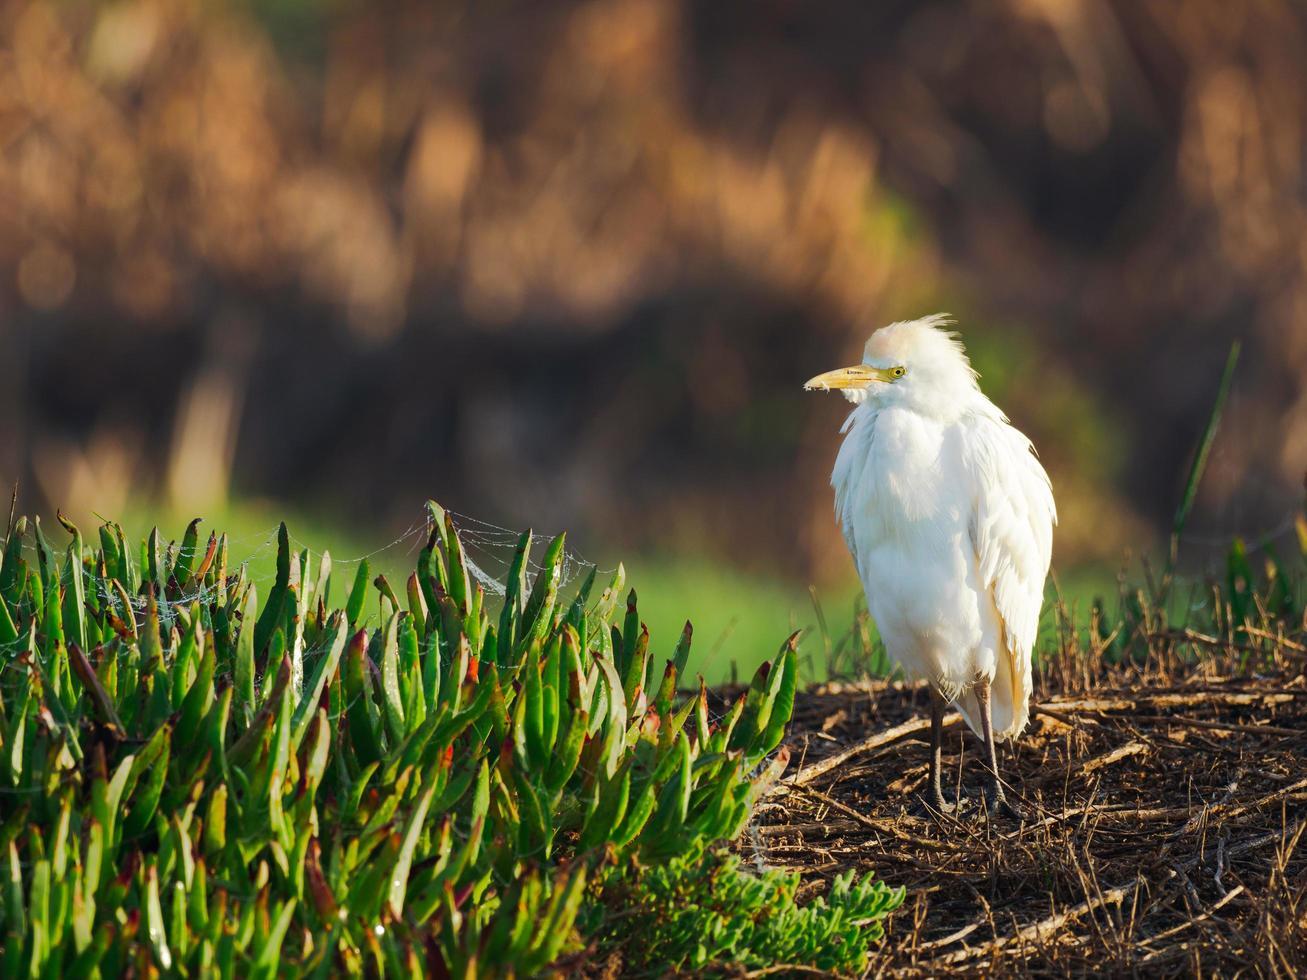 White bird in grass photo